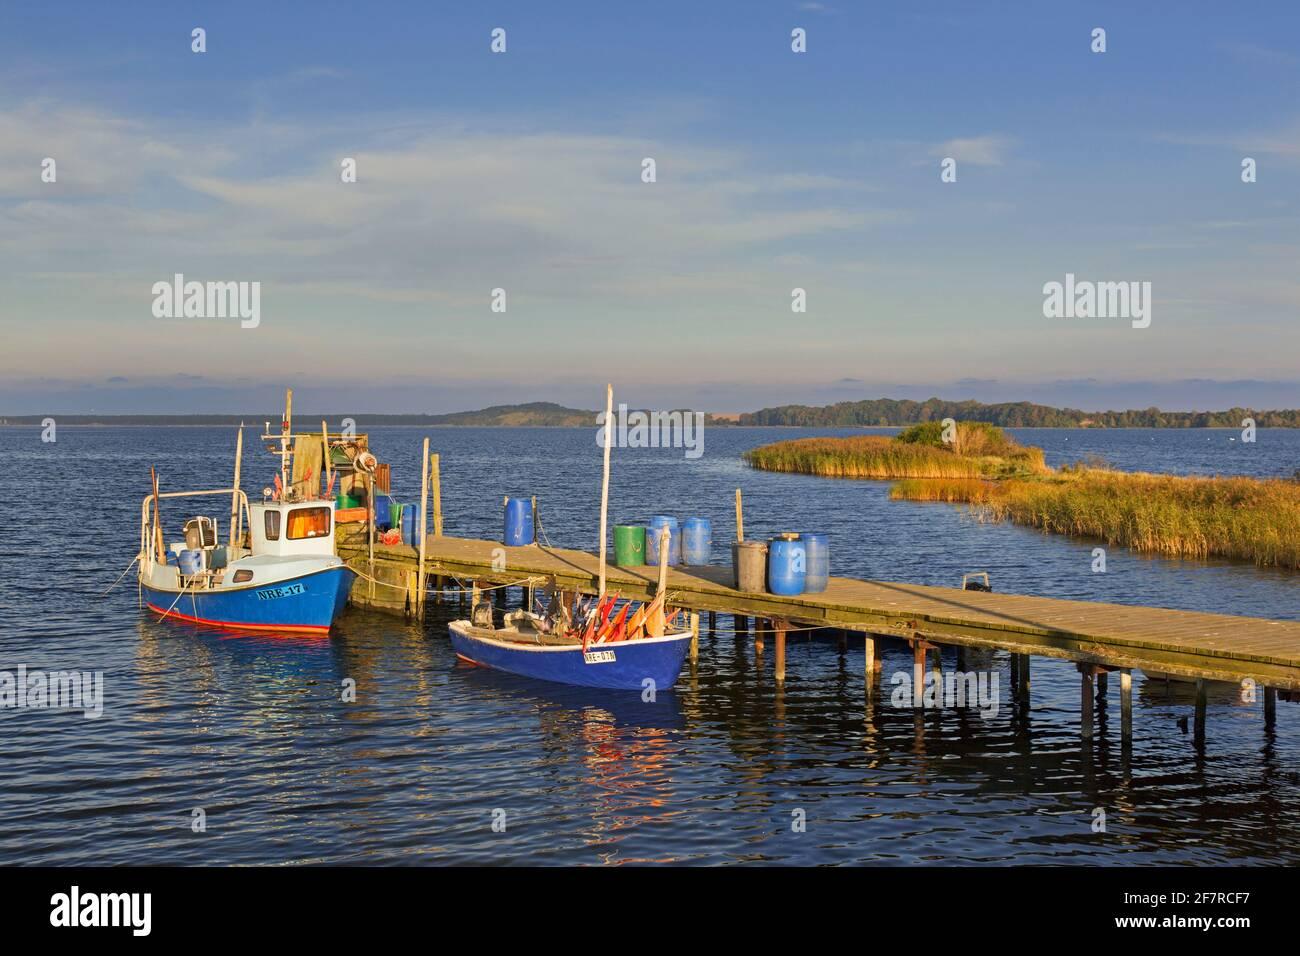 Barcos de pesca amarrados a lo largo de un embarcadero de madera en Neu Reddevitz, Lancken-Granitz en la isla Rügen / Ruegen, Mecklemburgo Pomerania Occidental, Alemania Foto de stock